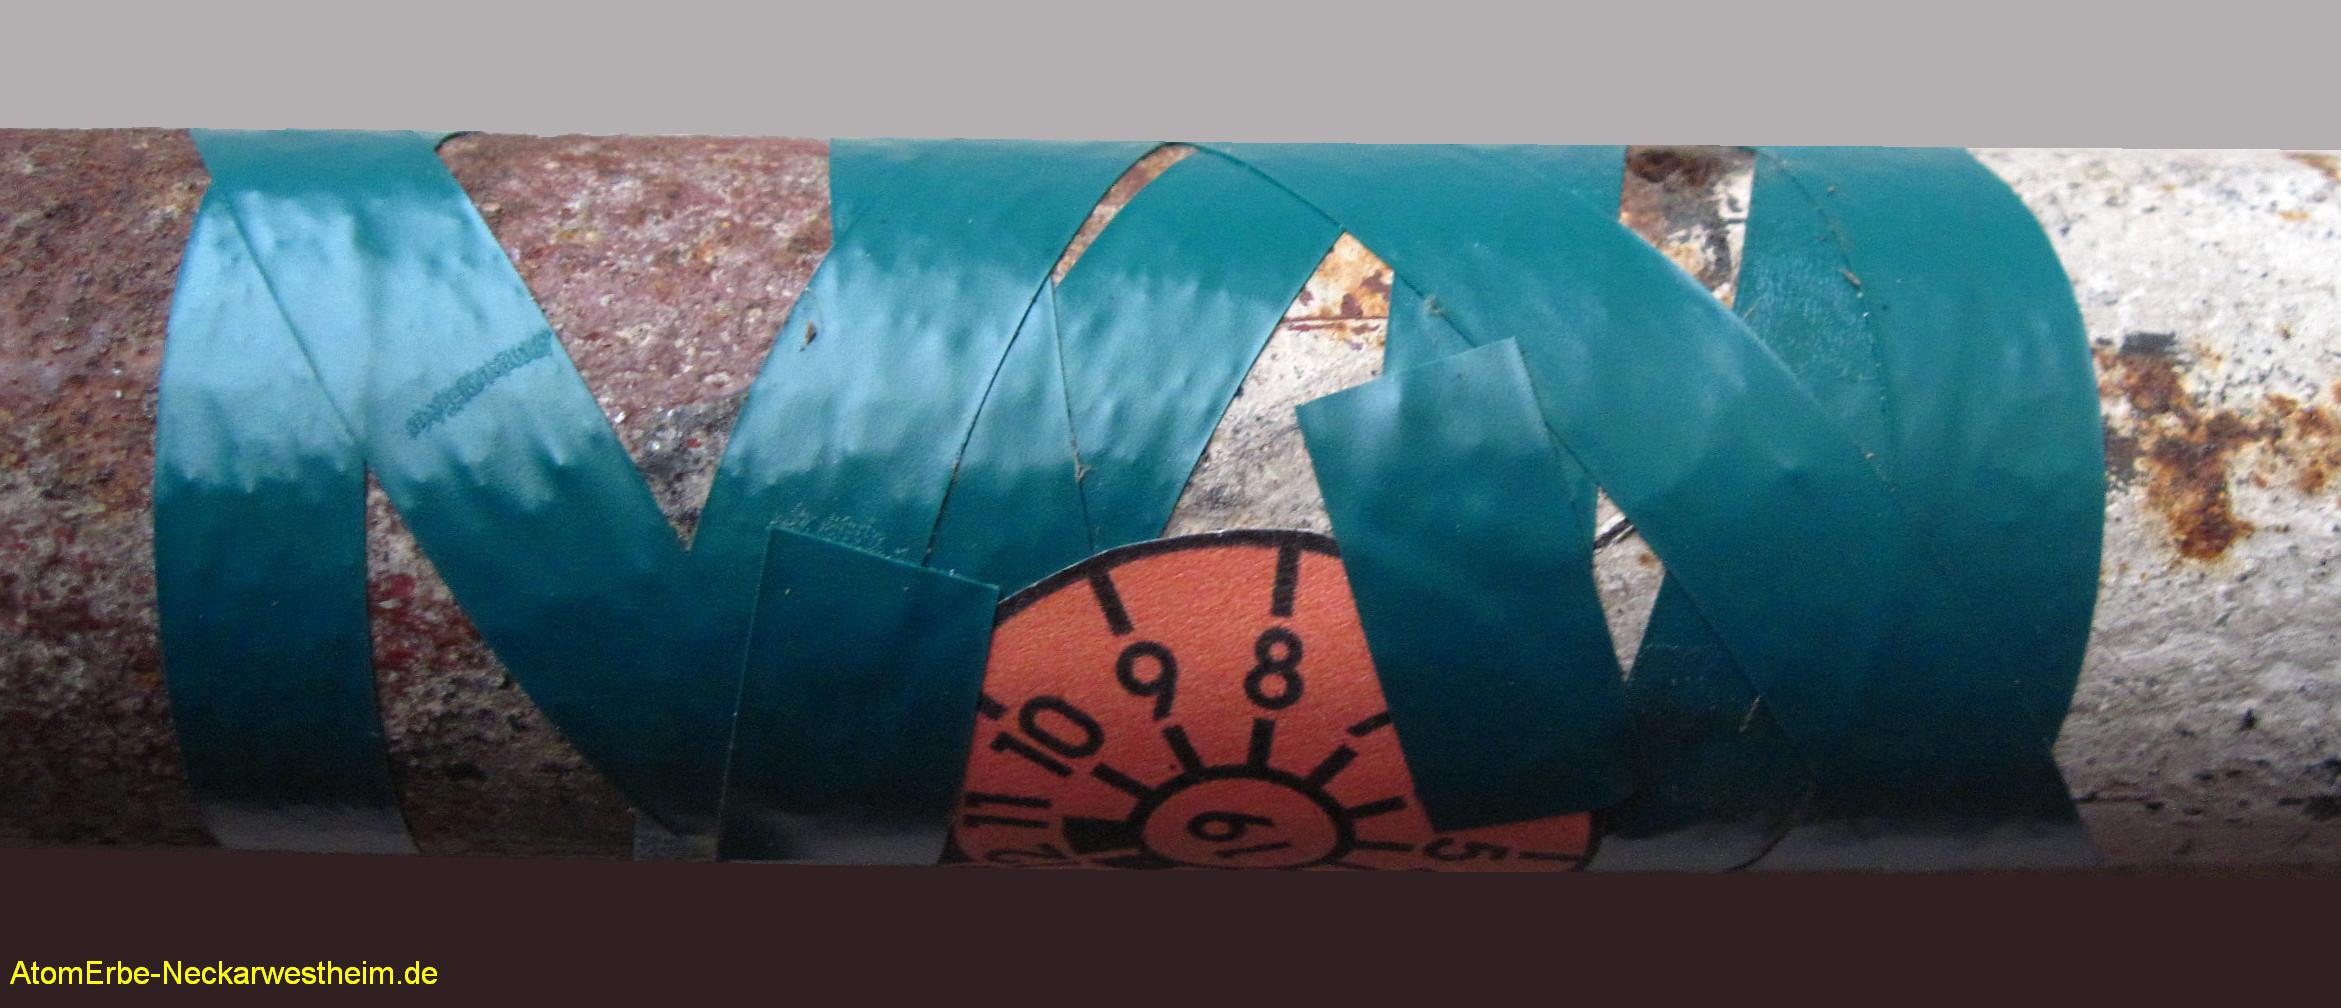 Provisorisch geflicktes, rostiges Rohr mit TUEV-Siegel